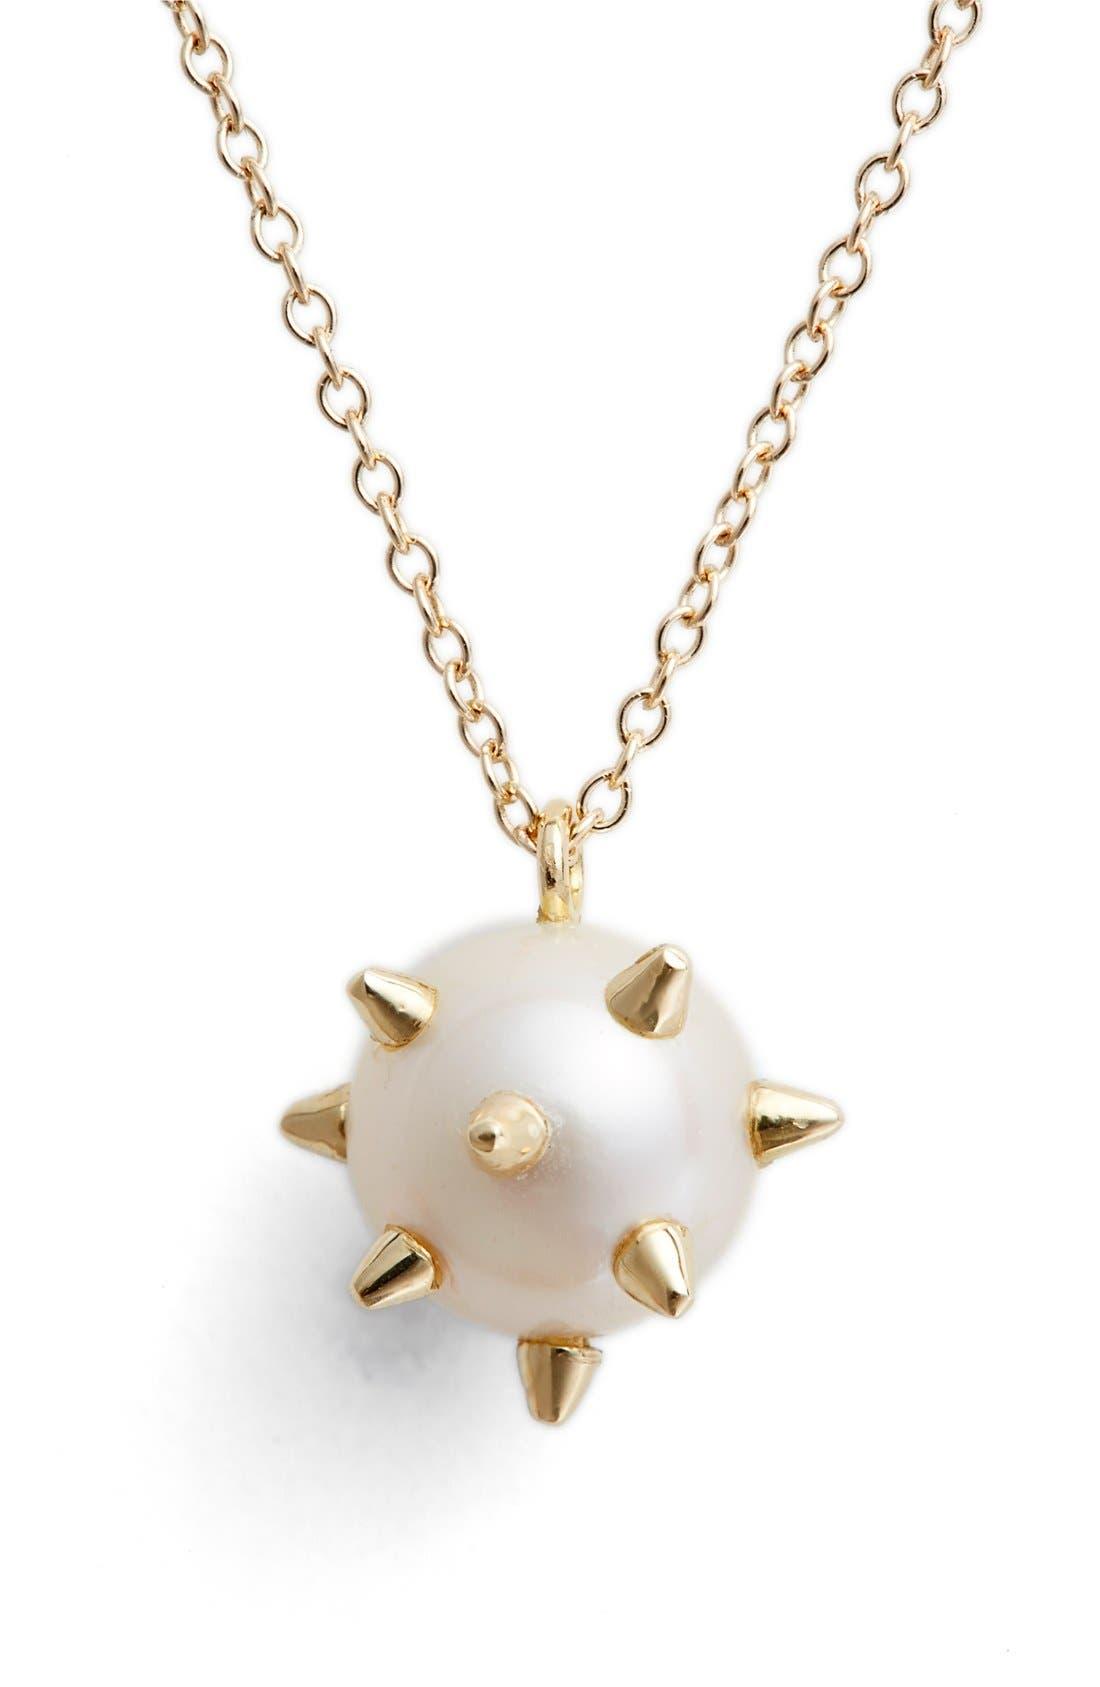 Alternate Image 1 Selected - Nektar de Stagni 'New Classics' Spike Cultured Pearl Pendant Necklace